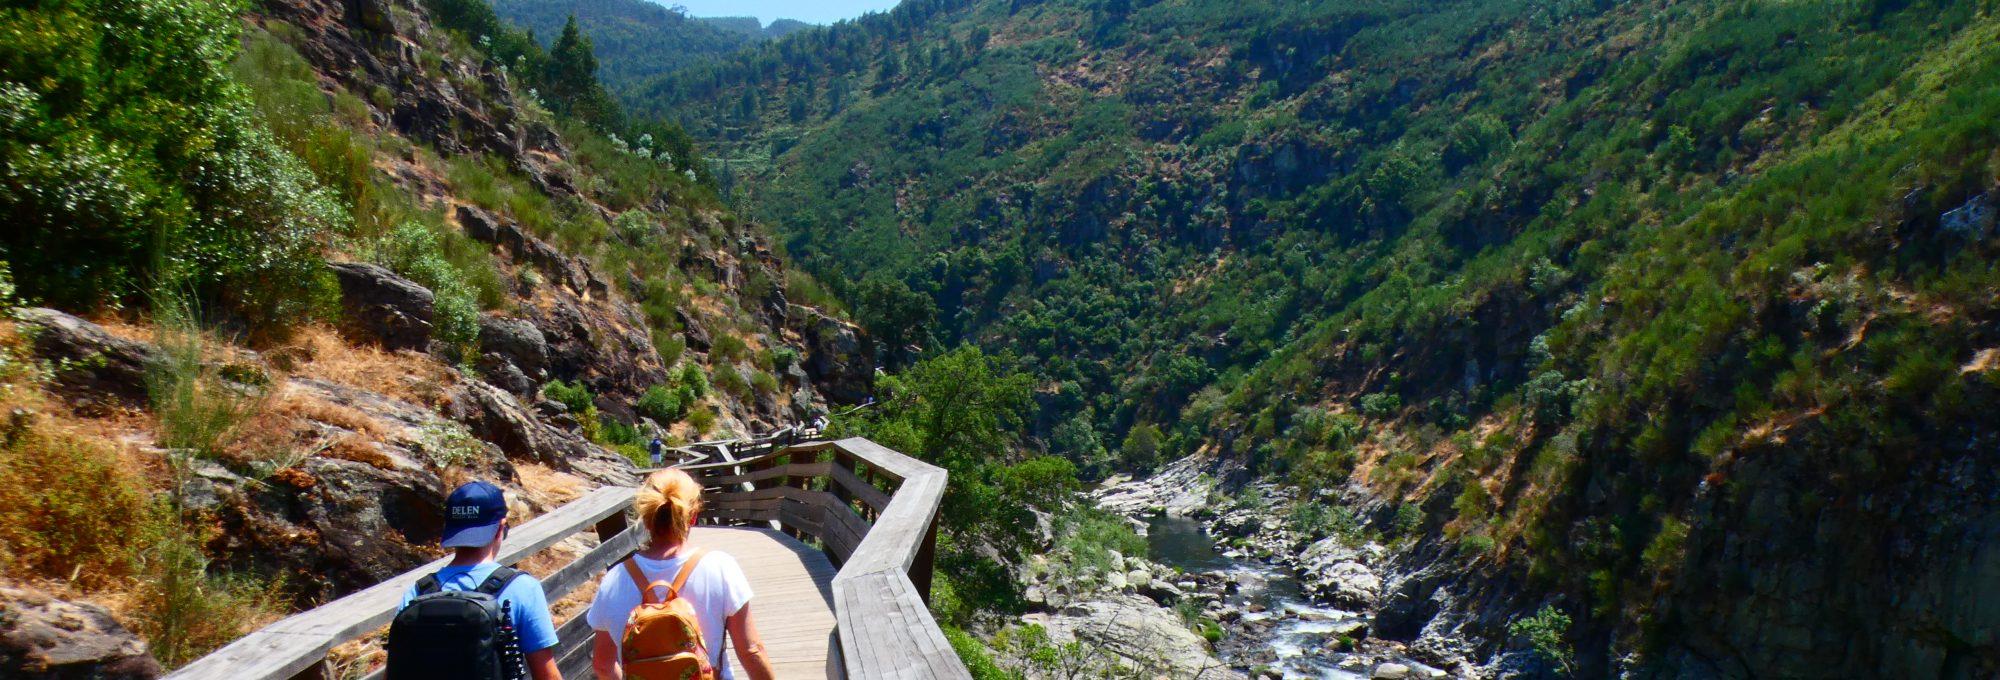 Turistas a caminhar nos Passadiços do Paiva, num dia de sol, com vista sobre o vale do rio paiva. Visita guiada. Tour.